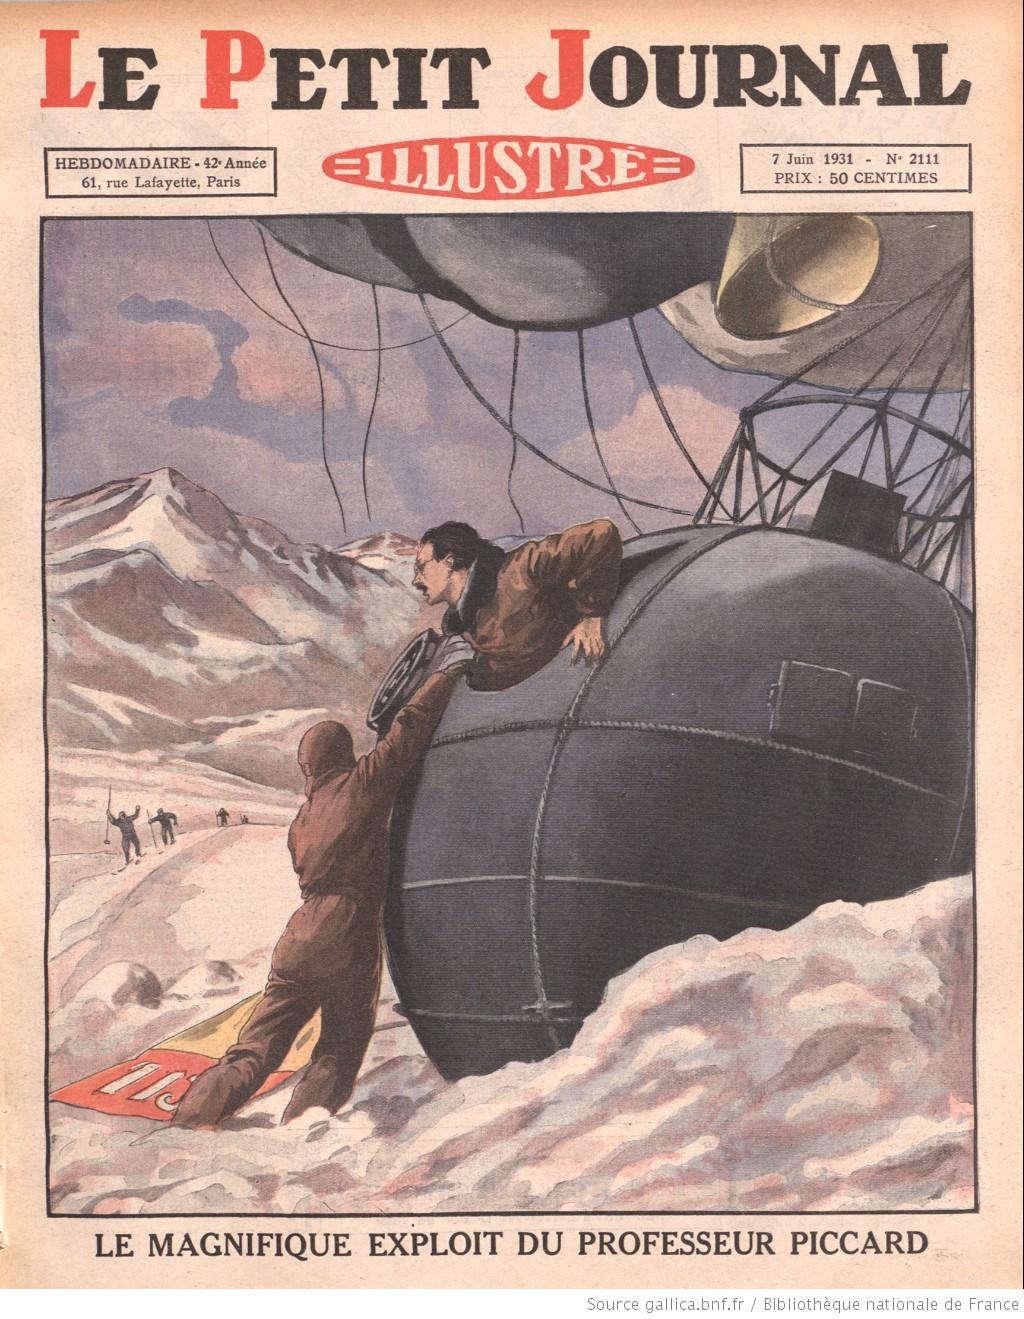 Trong bức tranh, giáo sư Piccard vừa chui ra khỏi một cỗ máy kỳ lạ, được cho là chiếc khinh khí cầu đặc biệt giúp ông thám hiểm những nơi có thời tiết khắc nghiệt như các ngọn núi tuyết.